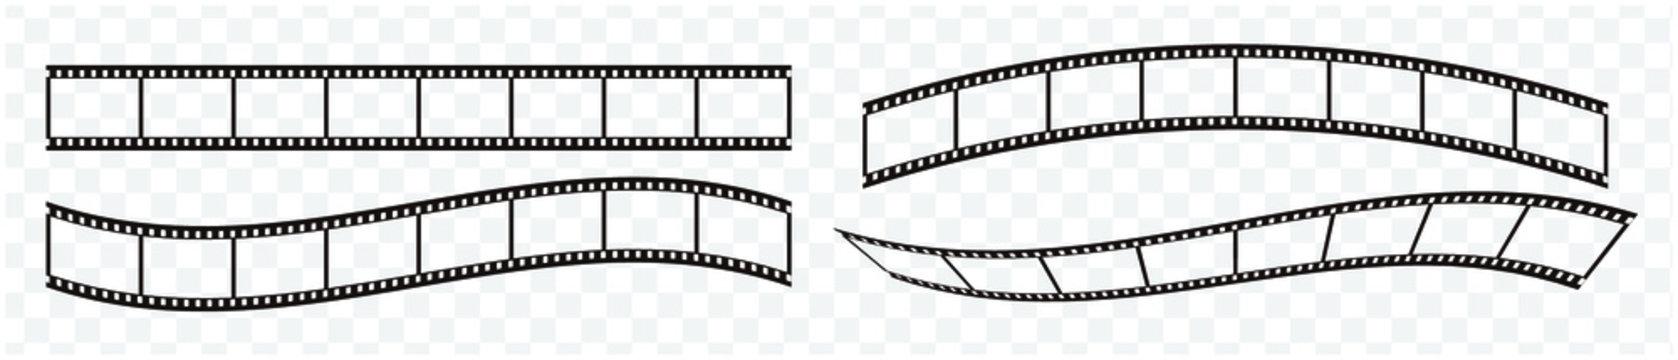 35mmフィルムのベクターデータ、4種のバリエーション